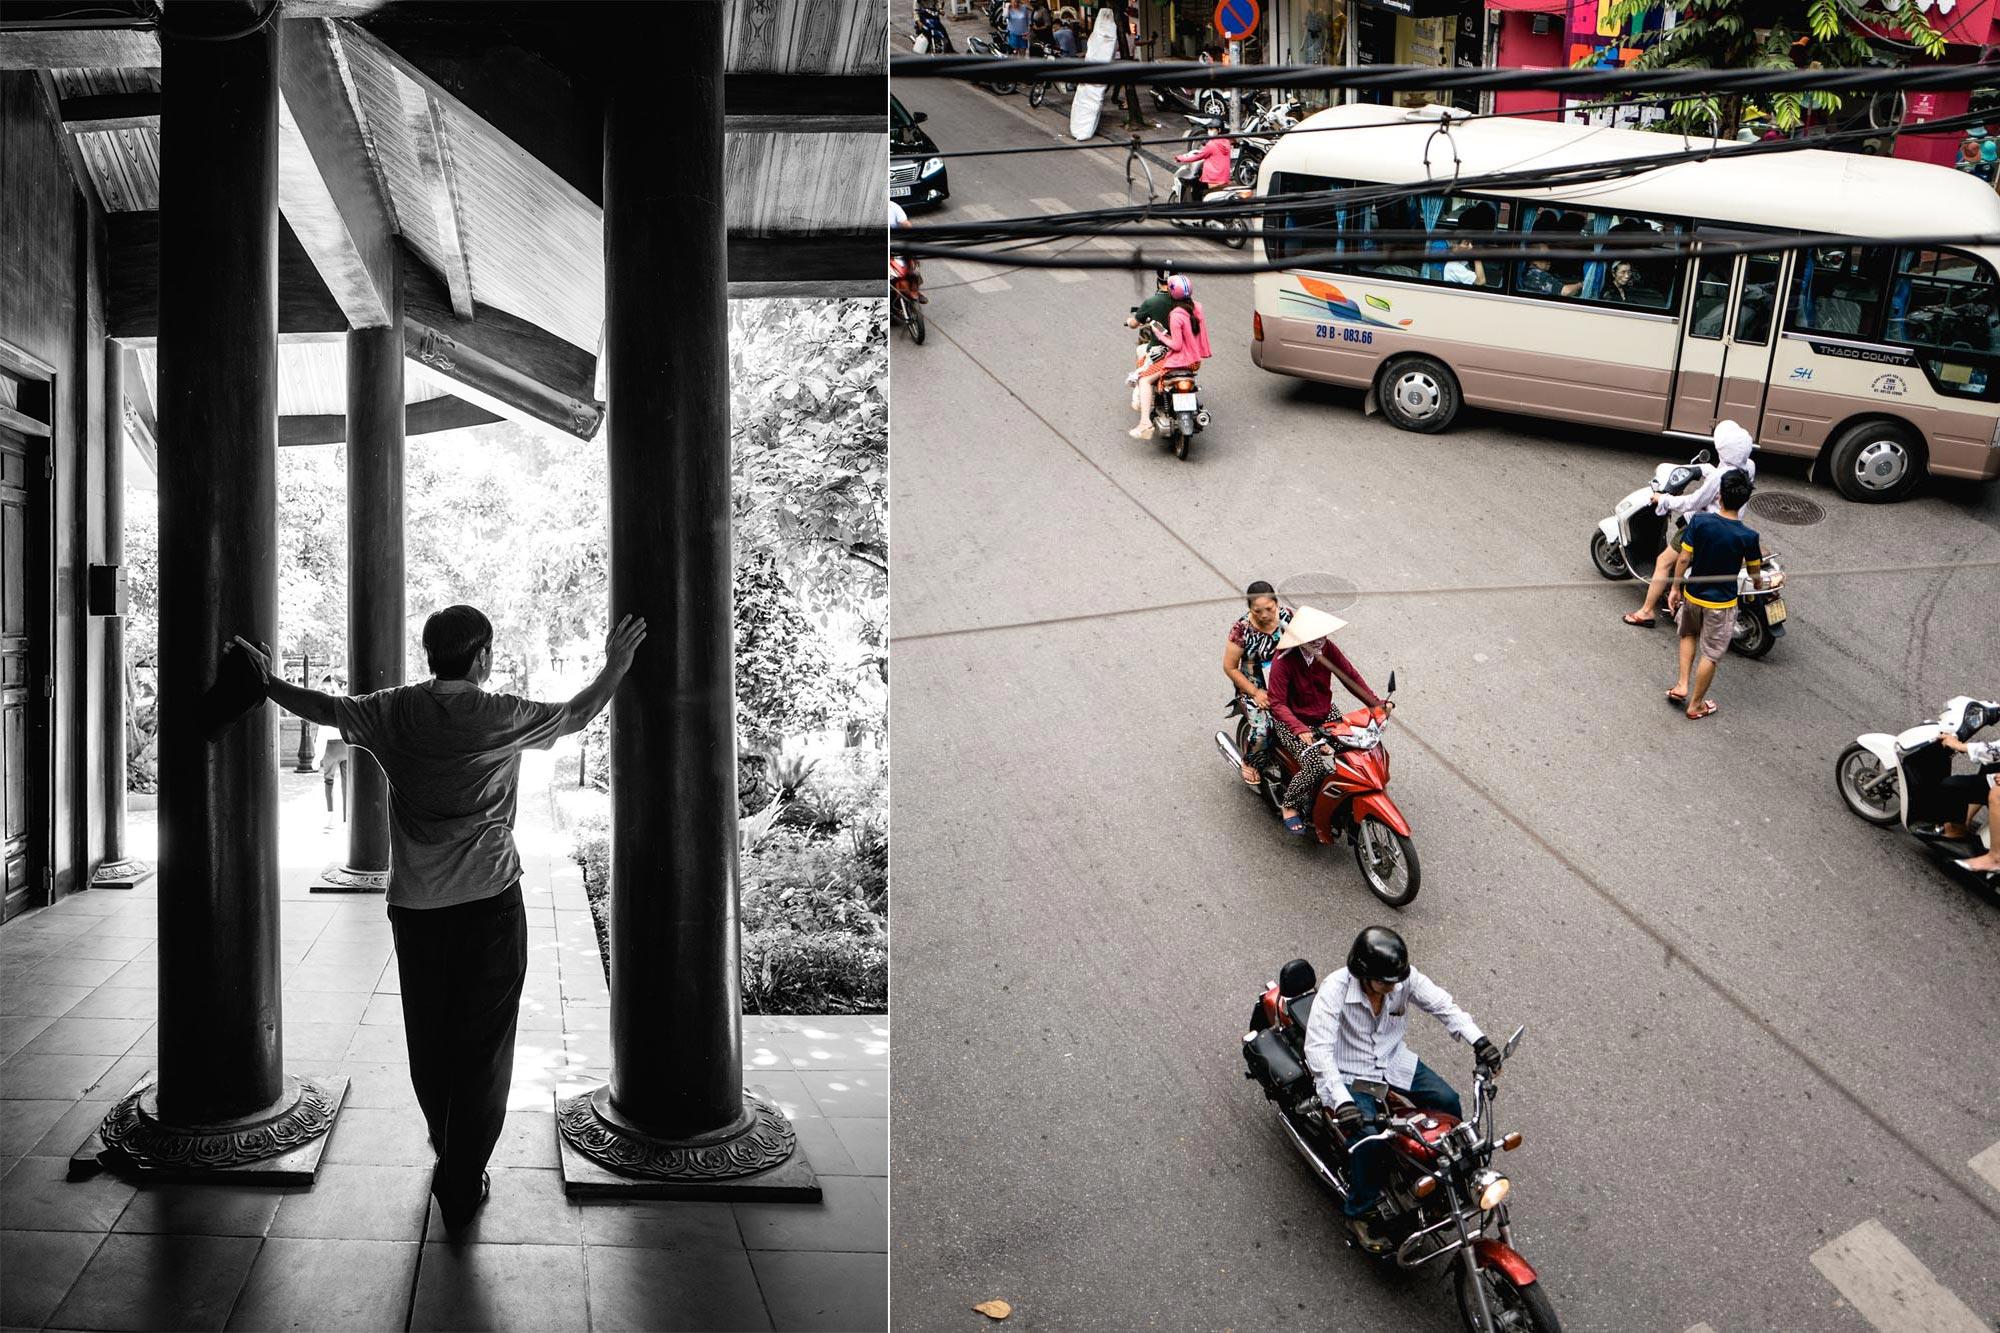 Hanoi, Vietnam - Traffic